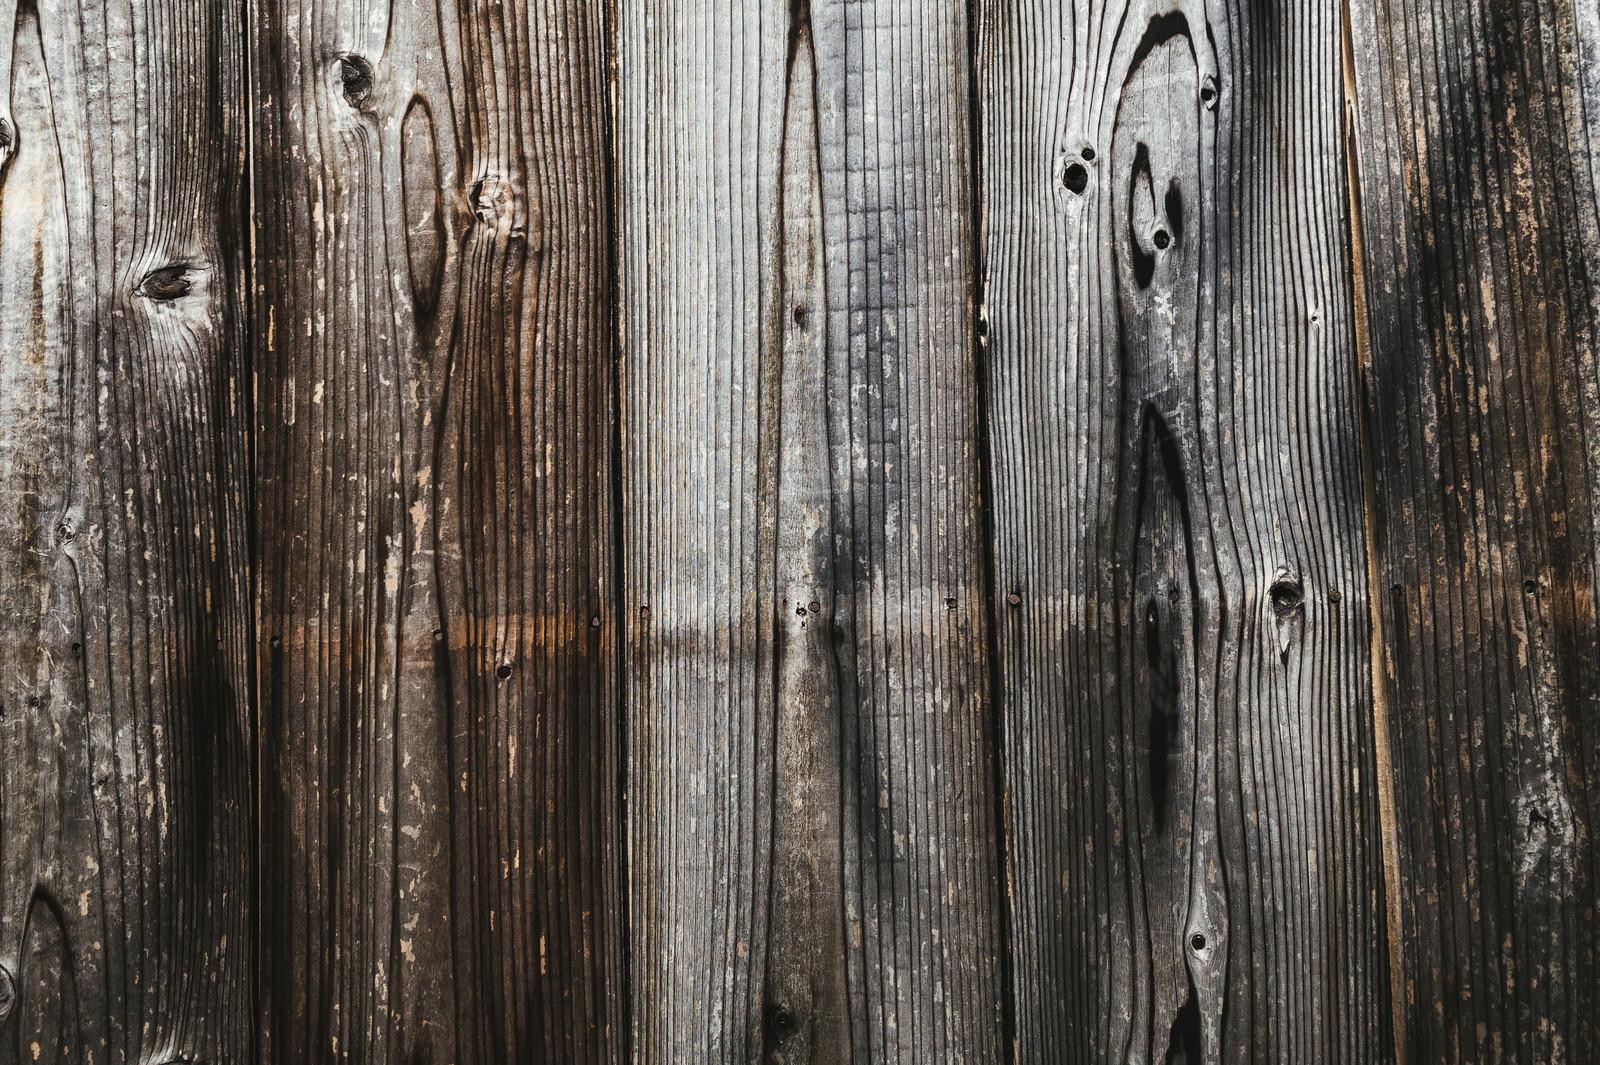 「モノクロ調の木目(テクスチャ)」の写真